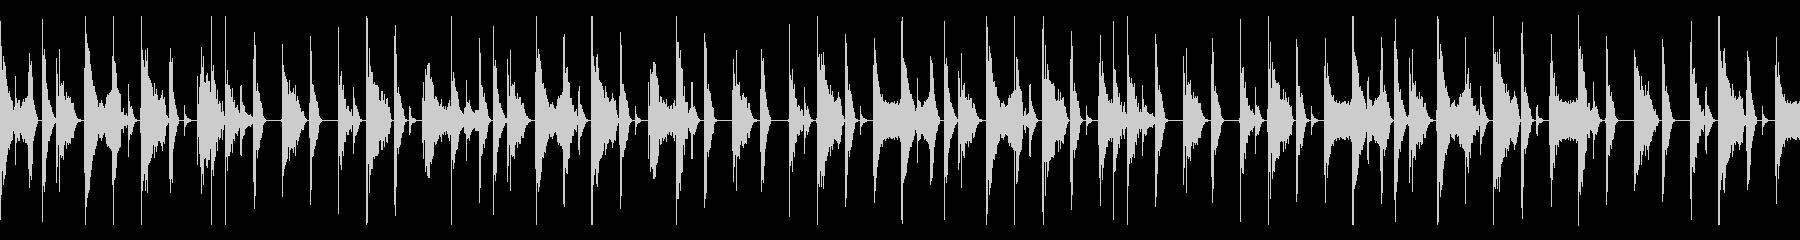 ボイスパーカッション ループBPM156の未再生の波形